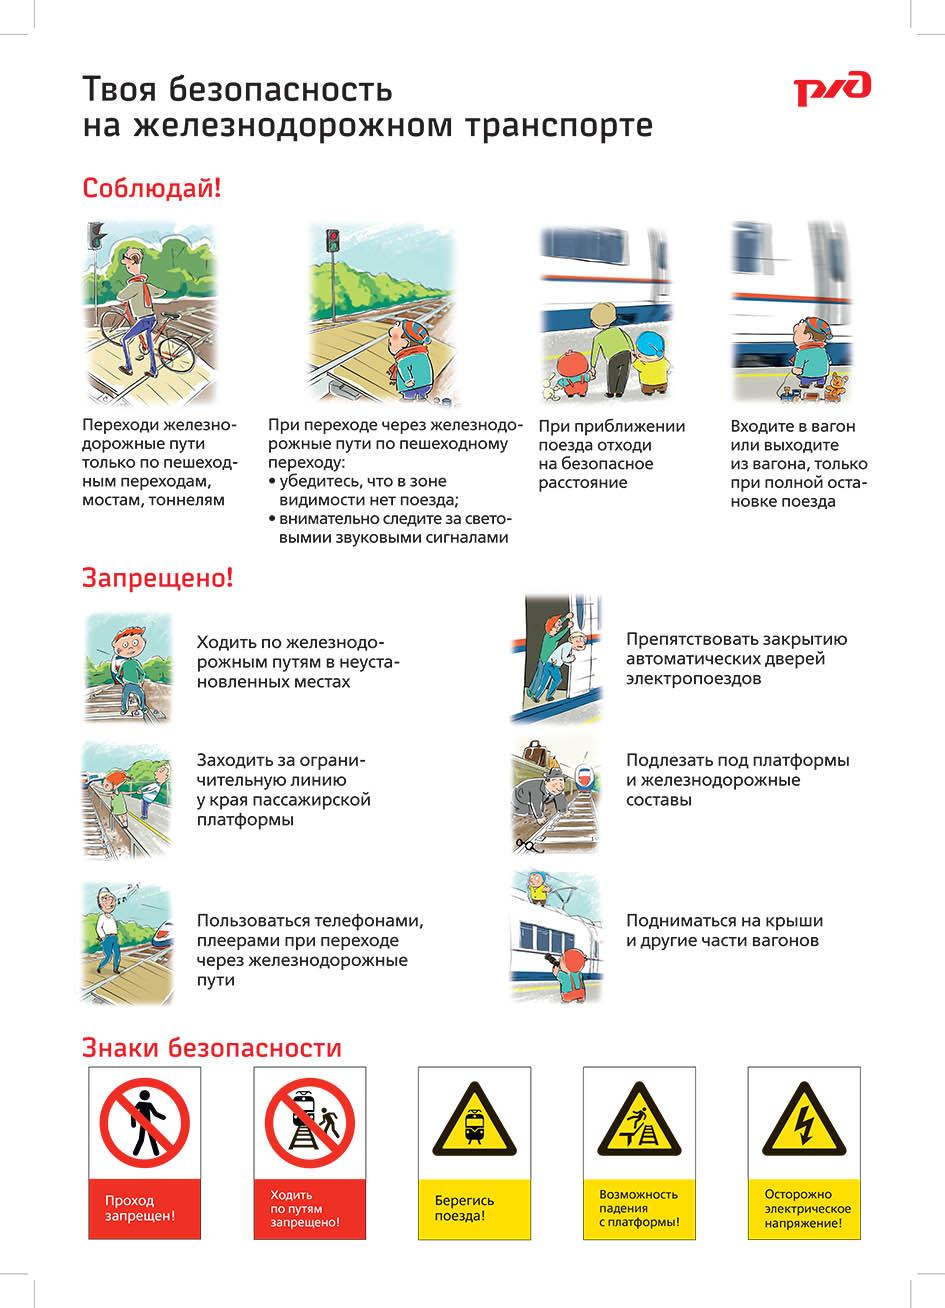 Правила безопасности поведения детей на железнодорожном транспорте